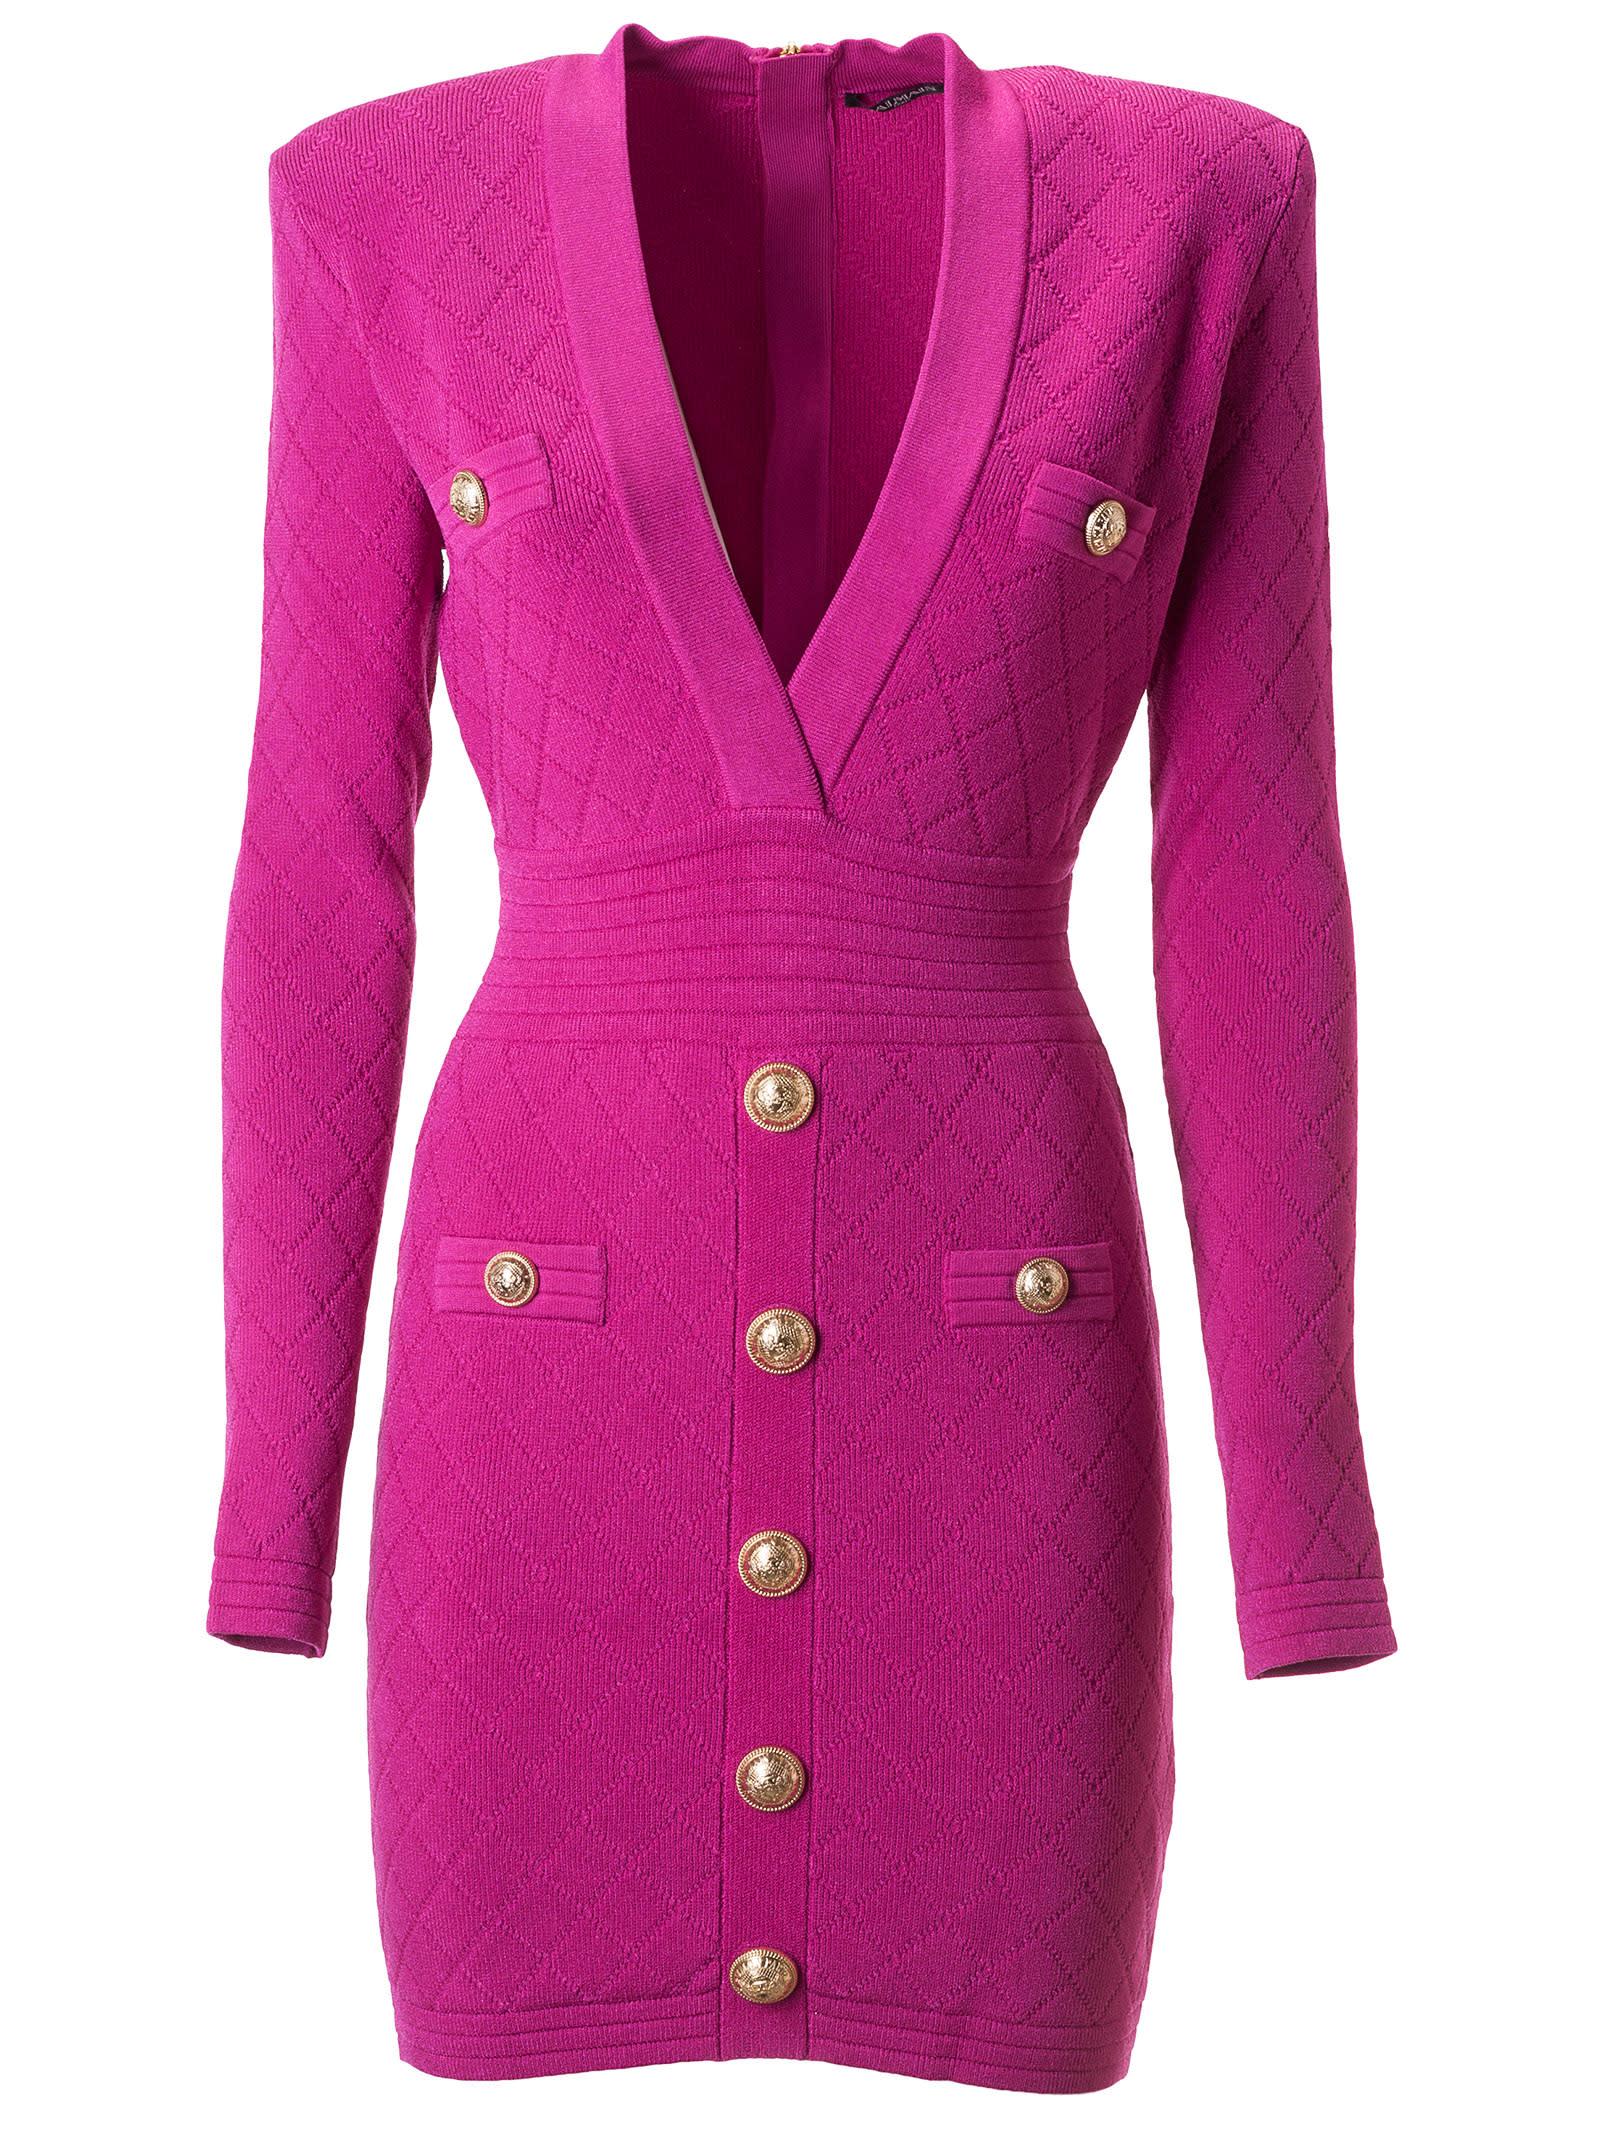 Balmain Buttoned Detail Dress